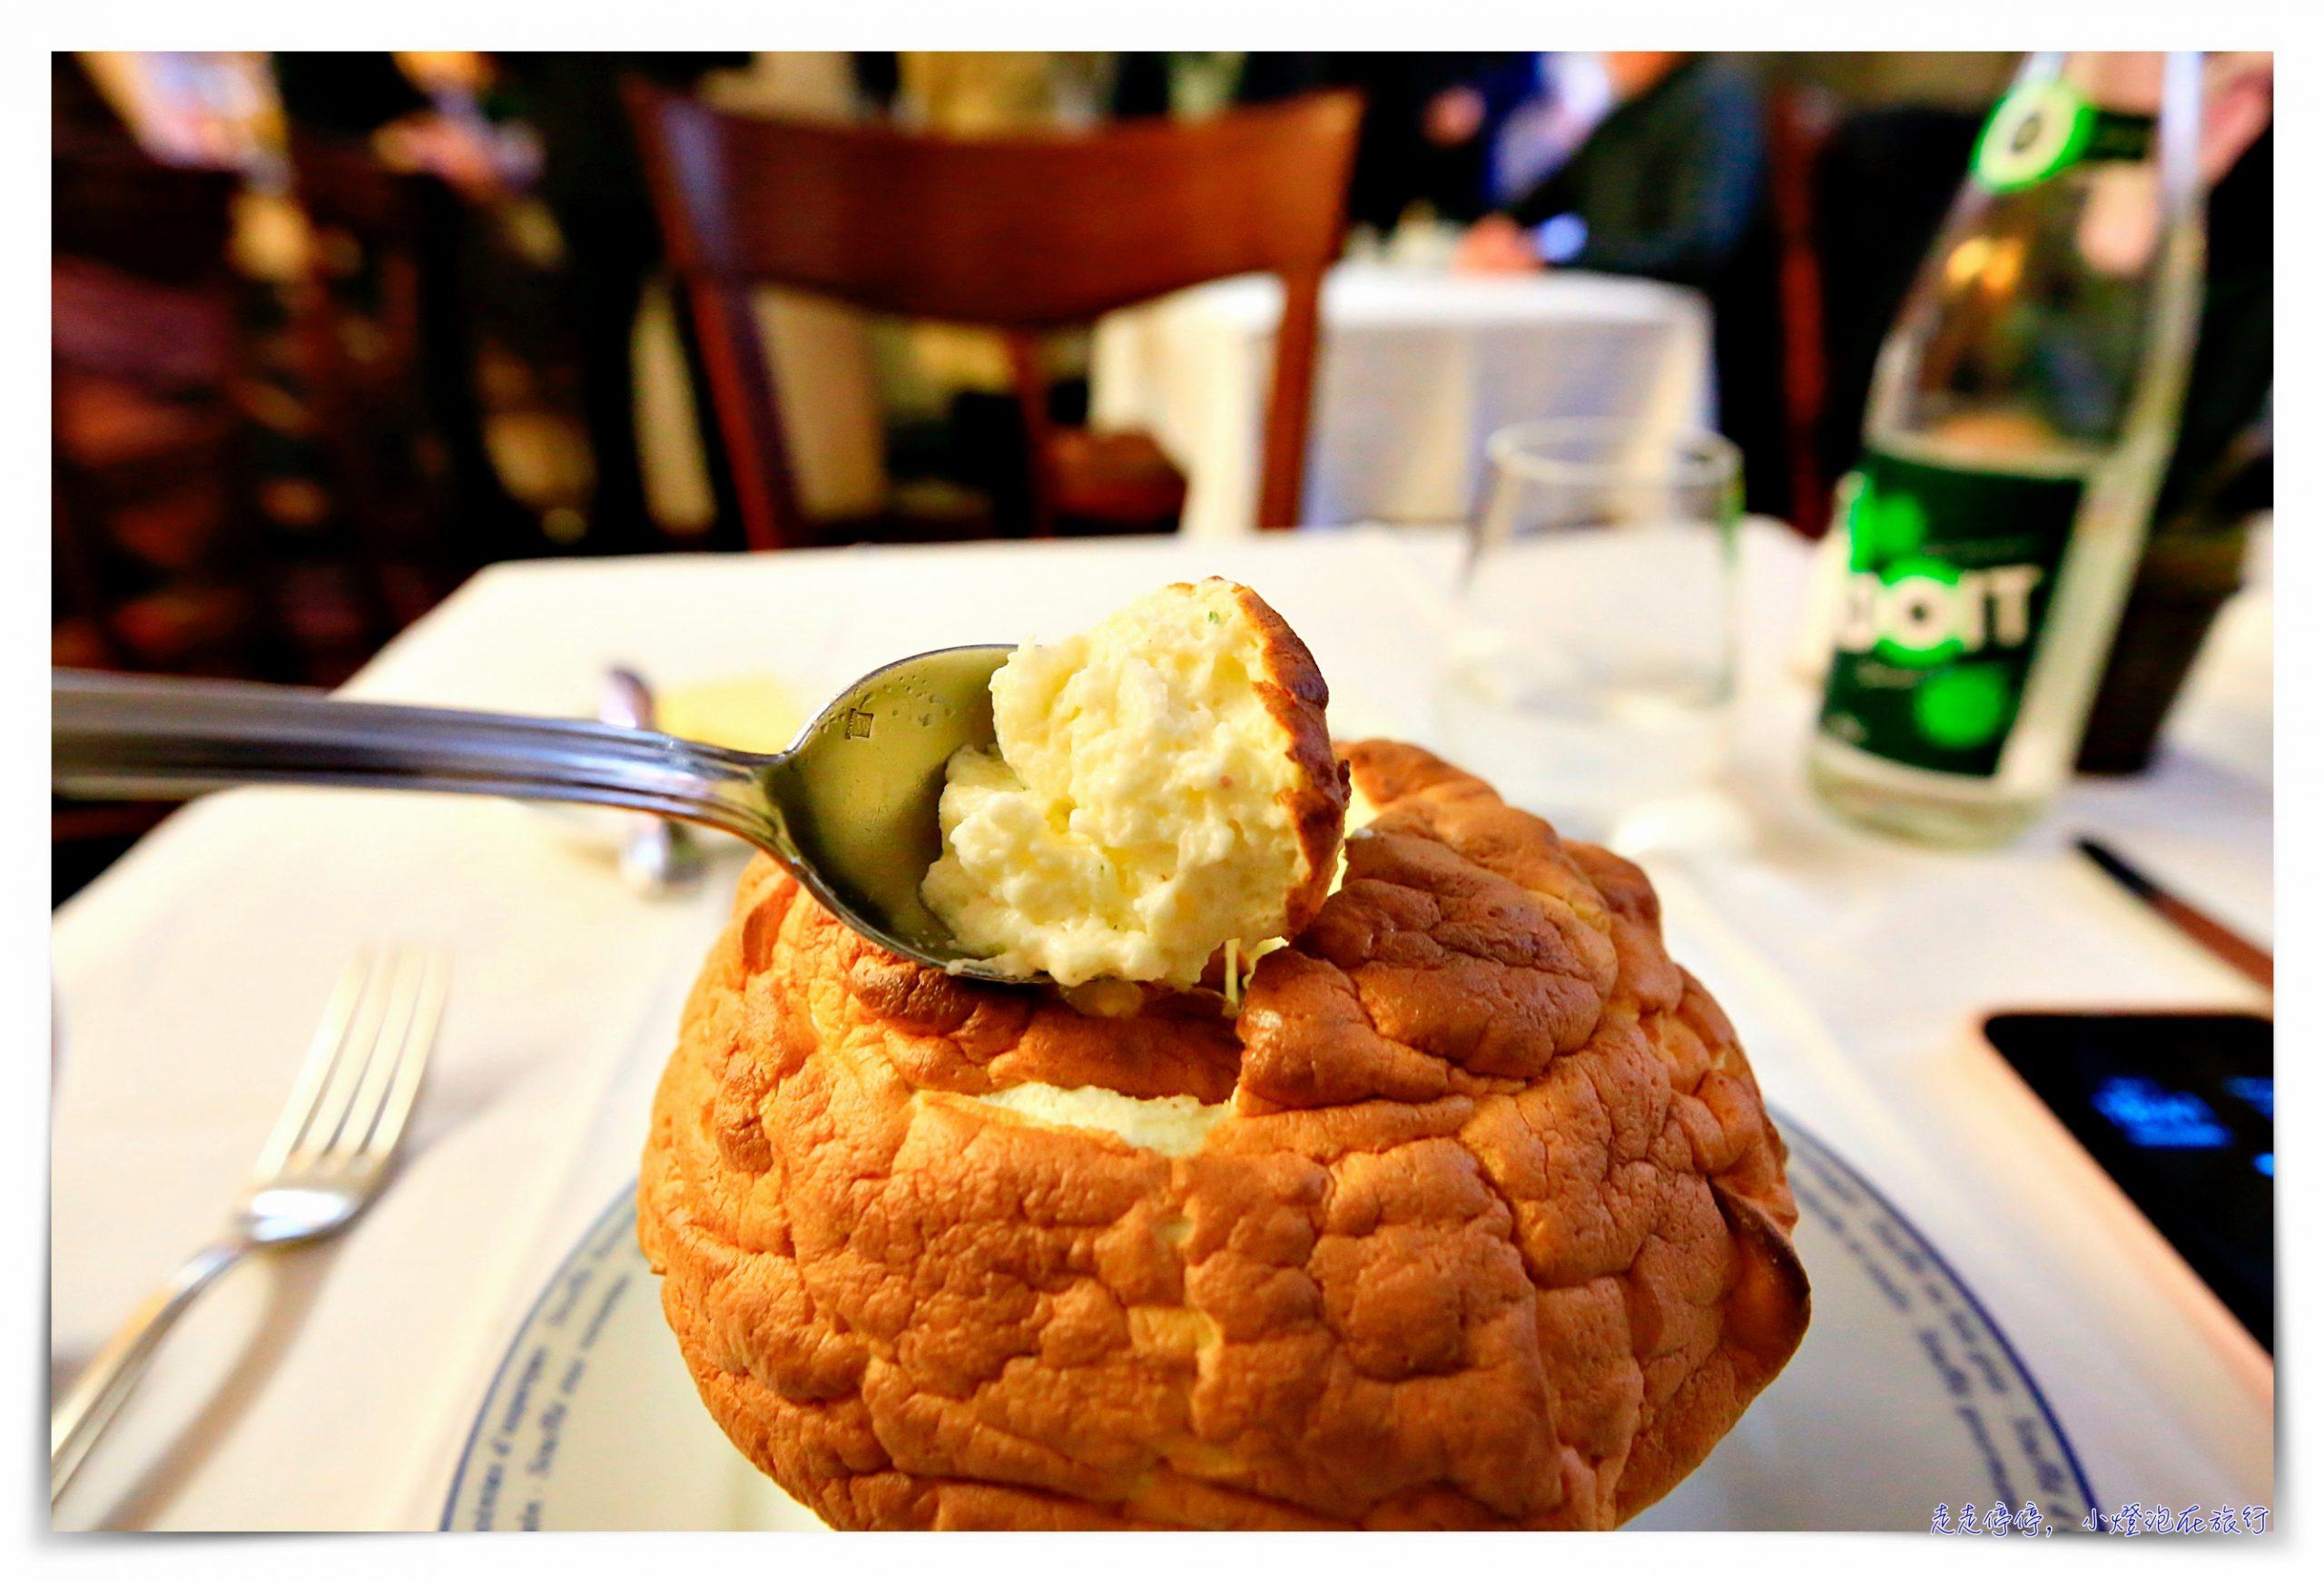 巴黎米其林舒芙蕾|Le Soufflé,全巴黎最好吃的舒芙蕾,巴黎必吃美食